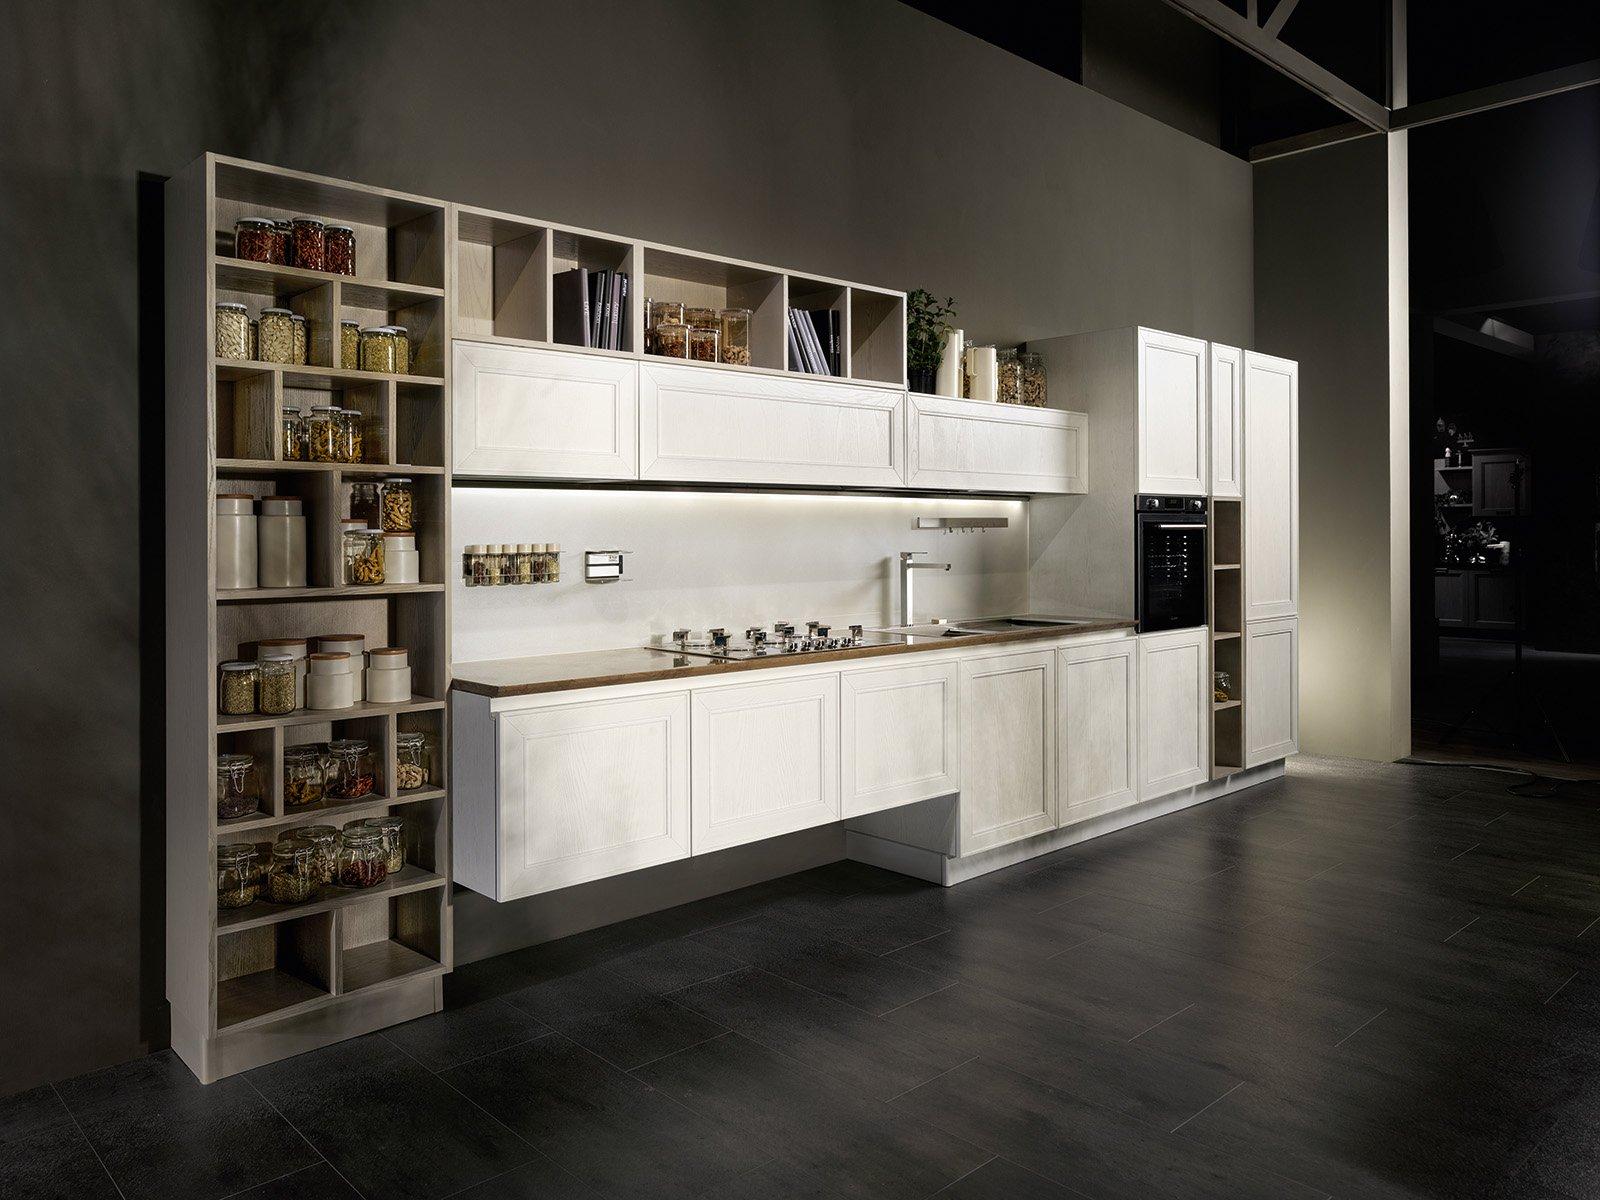 Casabook immobiliare in cucina i vani a giorno fanno tendenza - Scaffale cucina ...